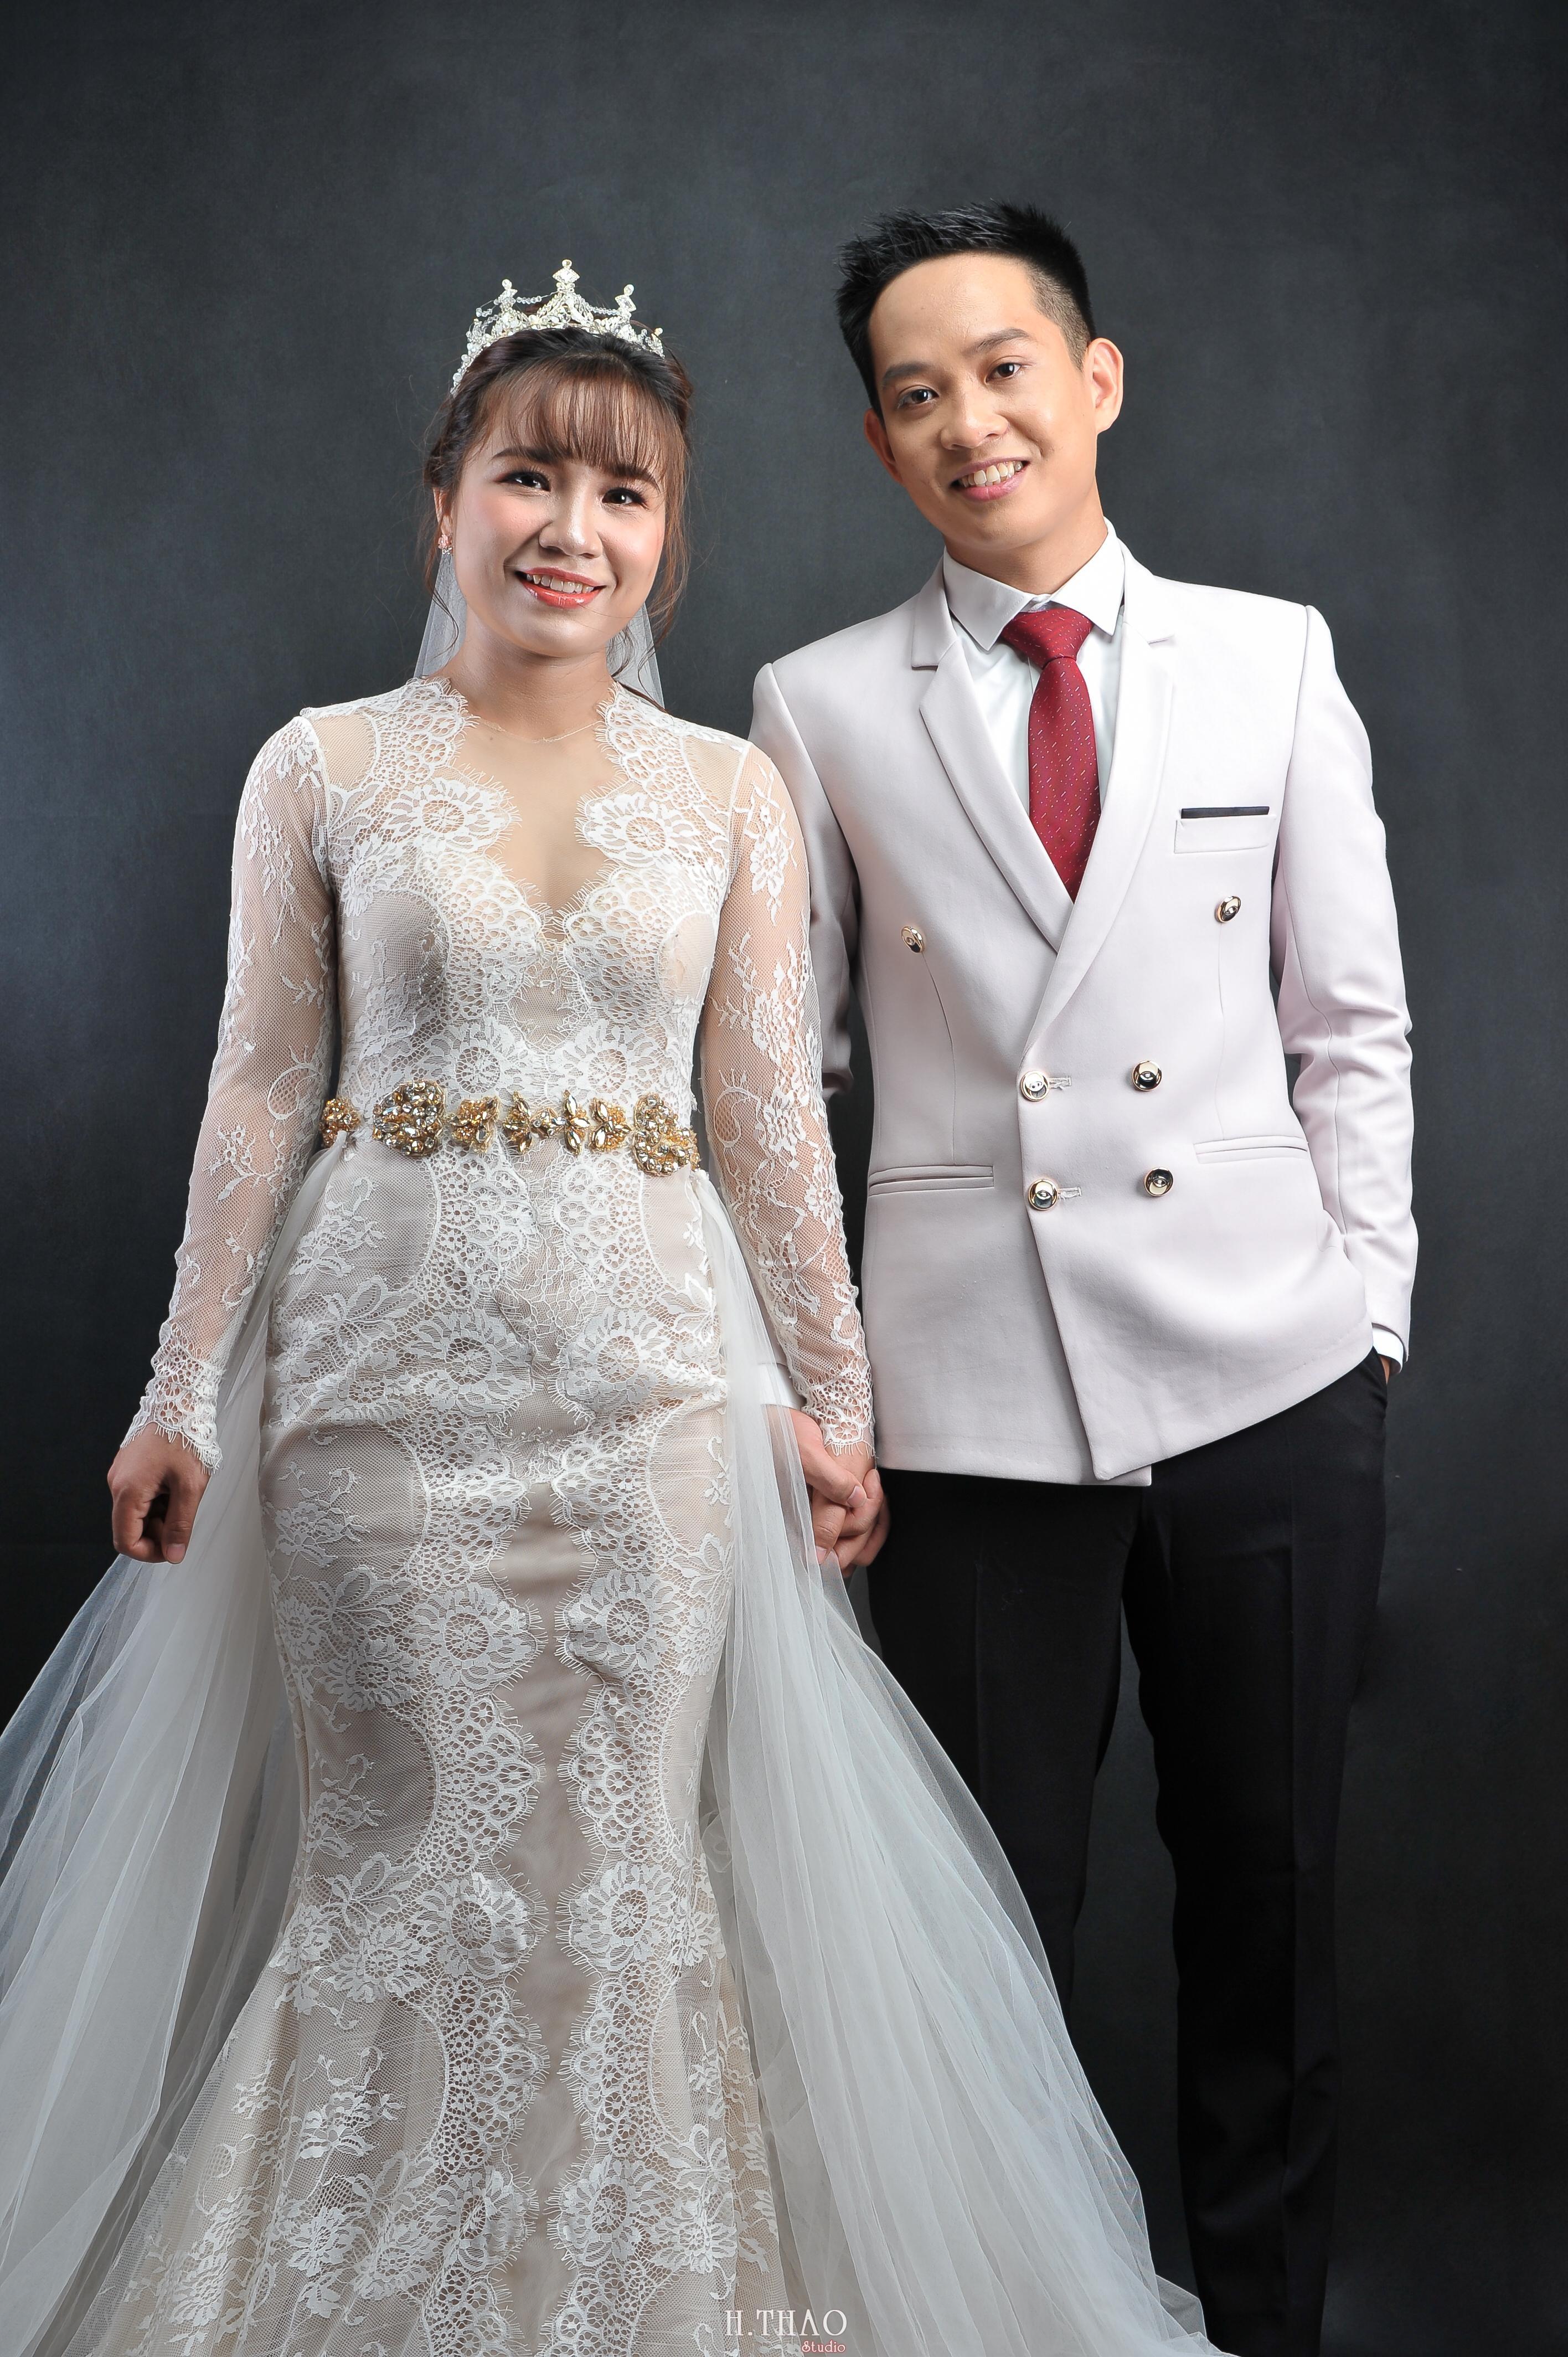 Anh cuoi style Han quoc 10 min - Chụp ảnh cưới đơn giản mà đẹp tại studio – HThao Studio Tp.HCM